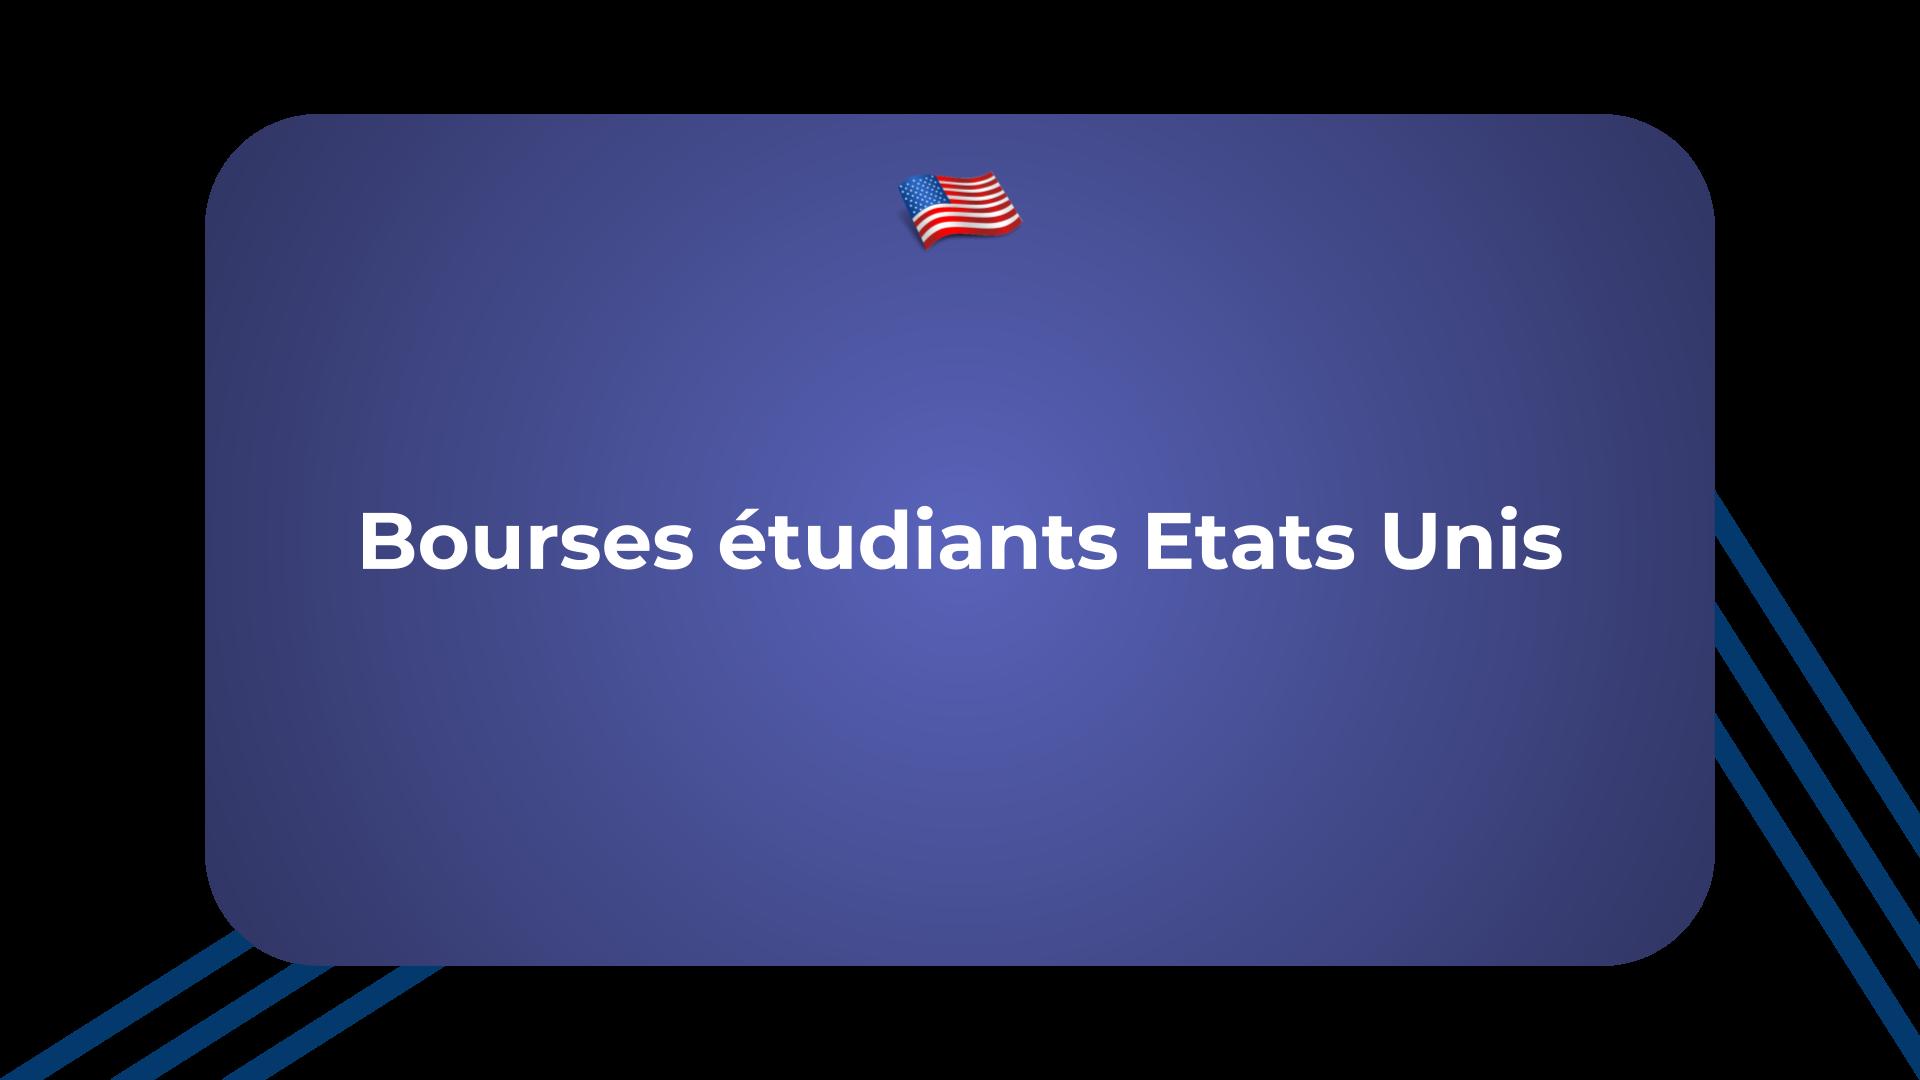 Bourses étudiants Etats Unis